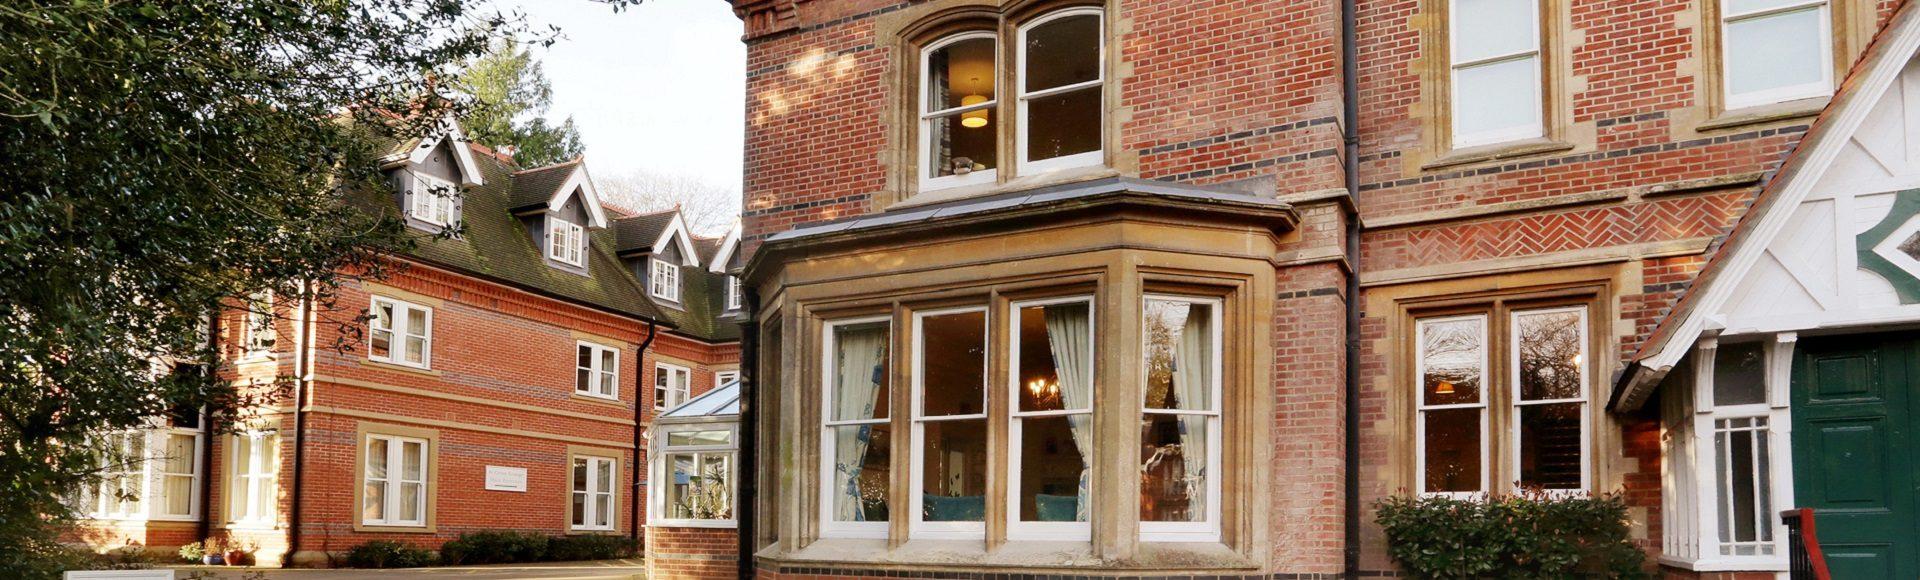 Care Home in Fair Oak St Cross Grange